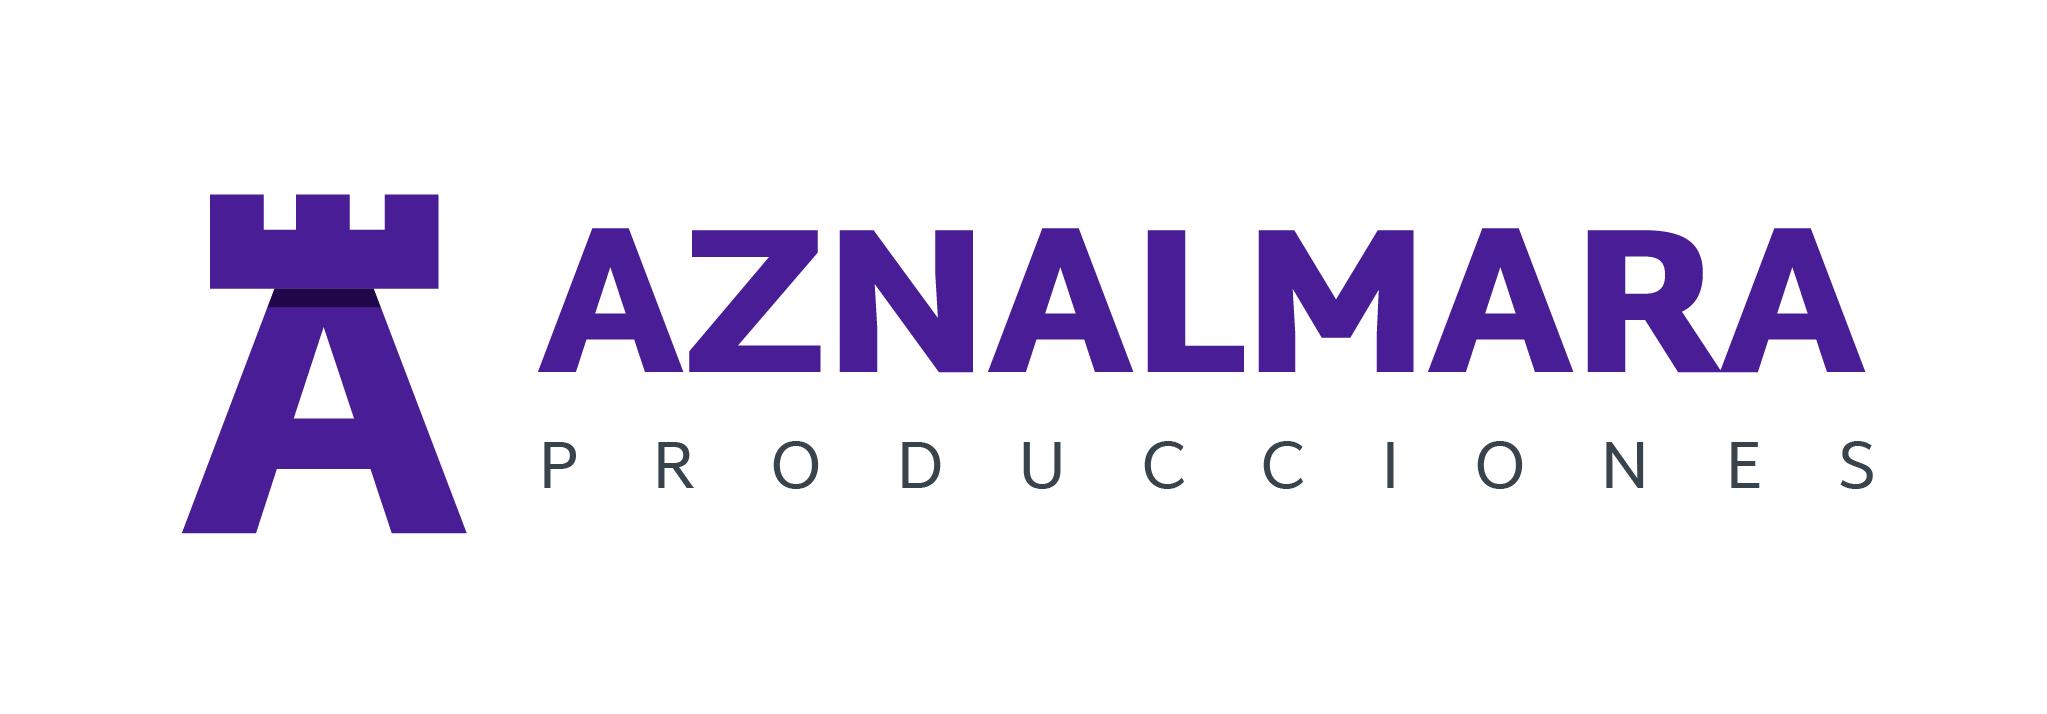 LOGO_AZNALMARA®_PRODUCCIONES_MORADO_FONDO_BLANCO_IZQDA